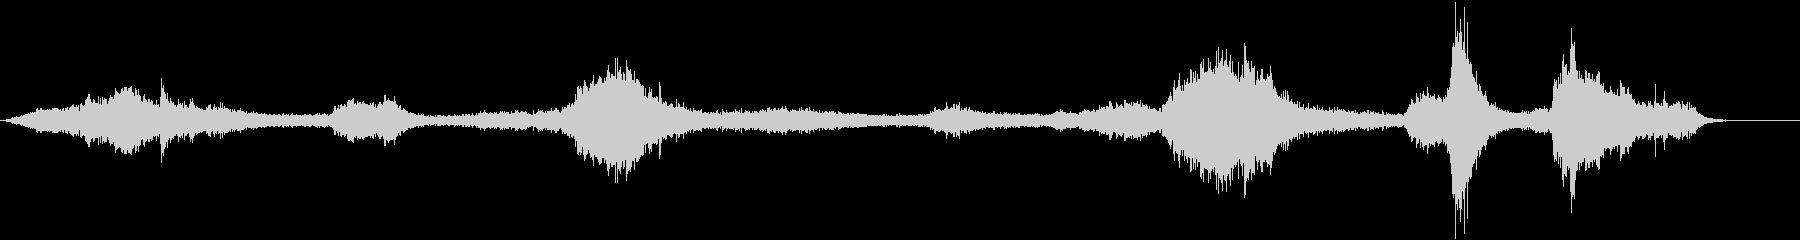 ジープワゴニア:リバーブタイヤスキ...の未再生の波形